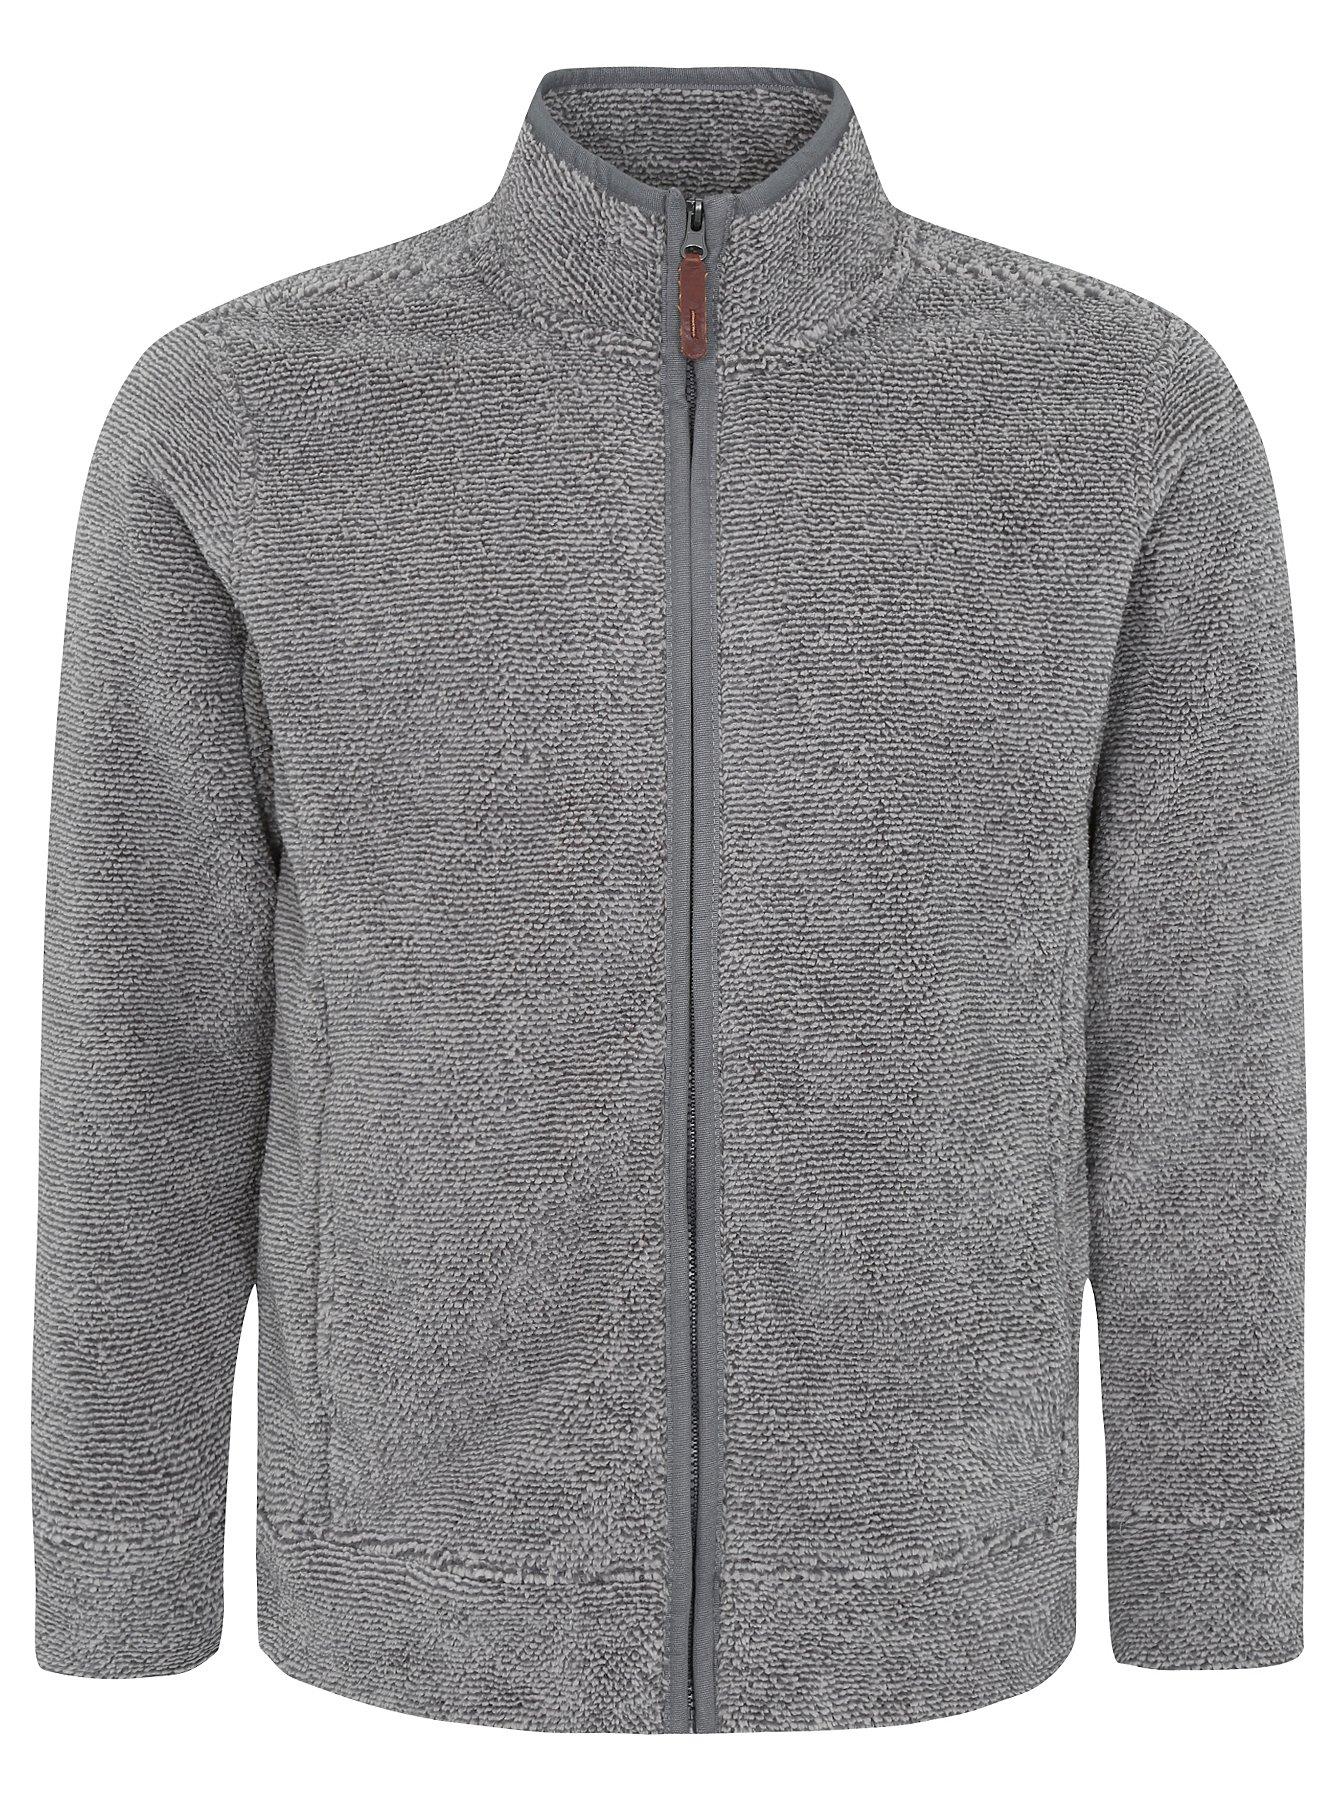 Zip Front Fleece Jacket | Men | George at ASDA